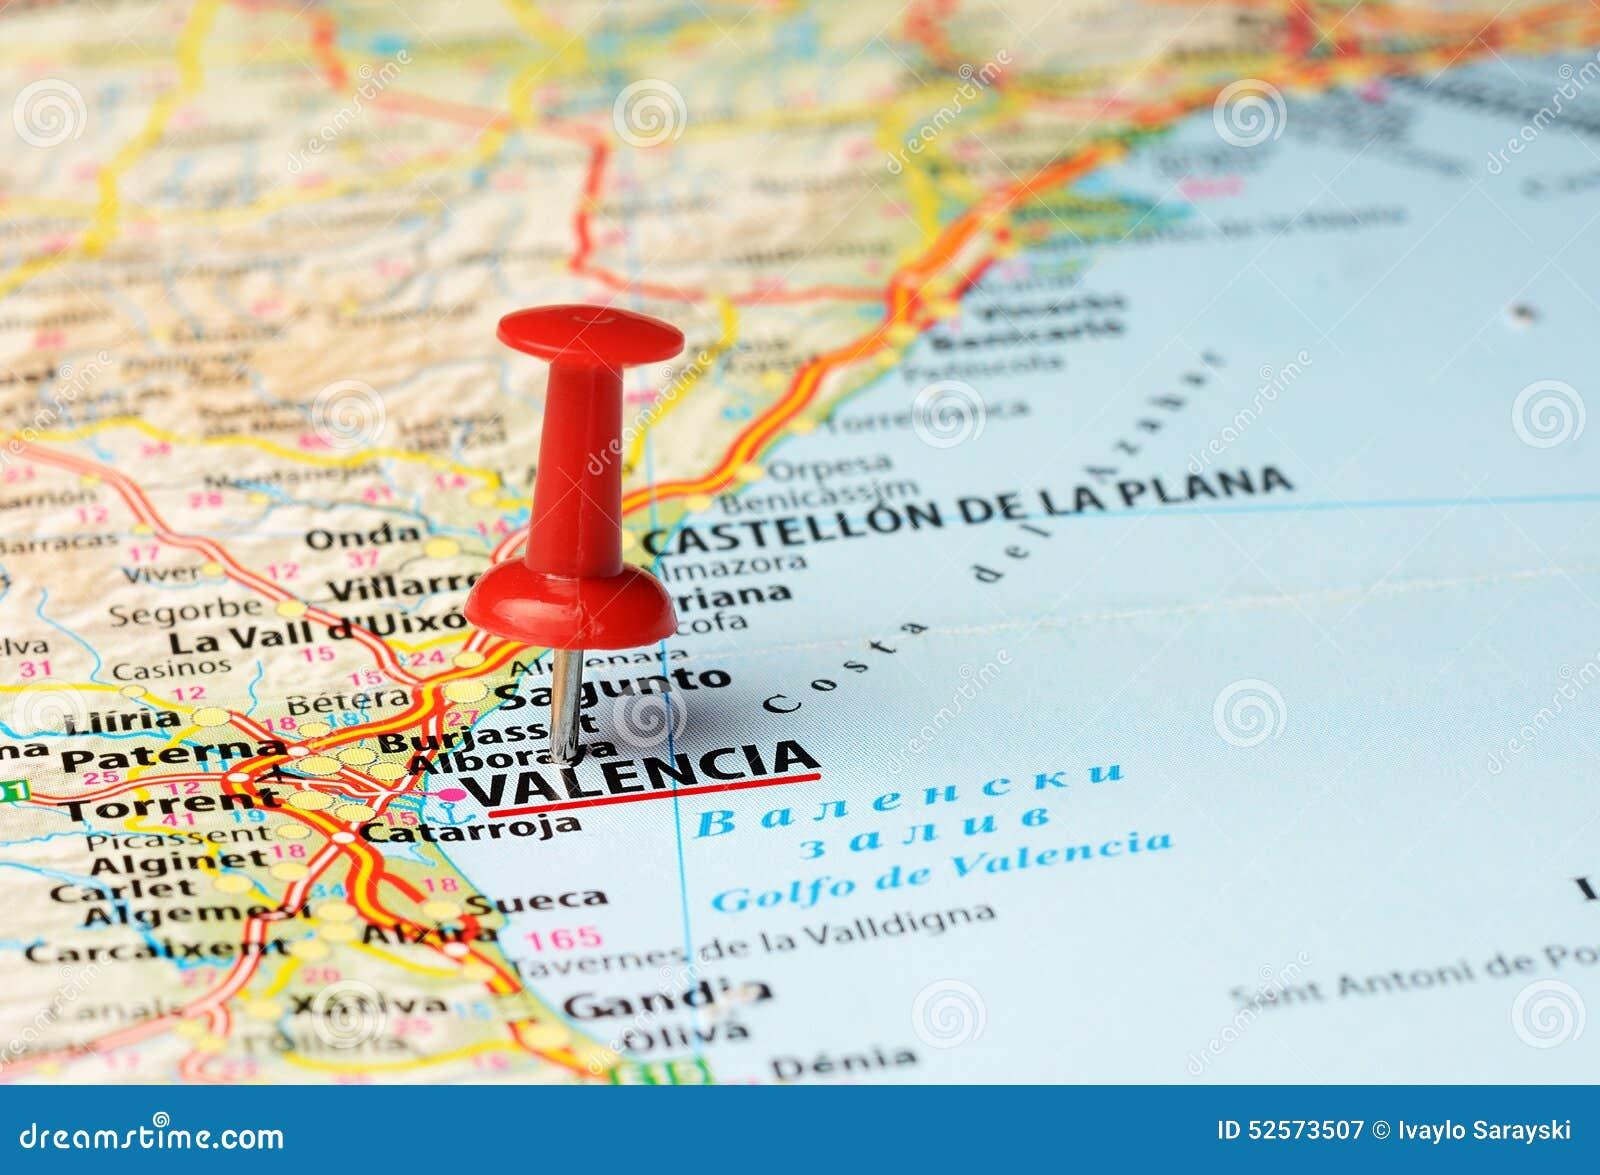 Walencja Hiszpania Mapa Obraz Stock Obraz Zlozonej Z Pchniecie